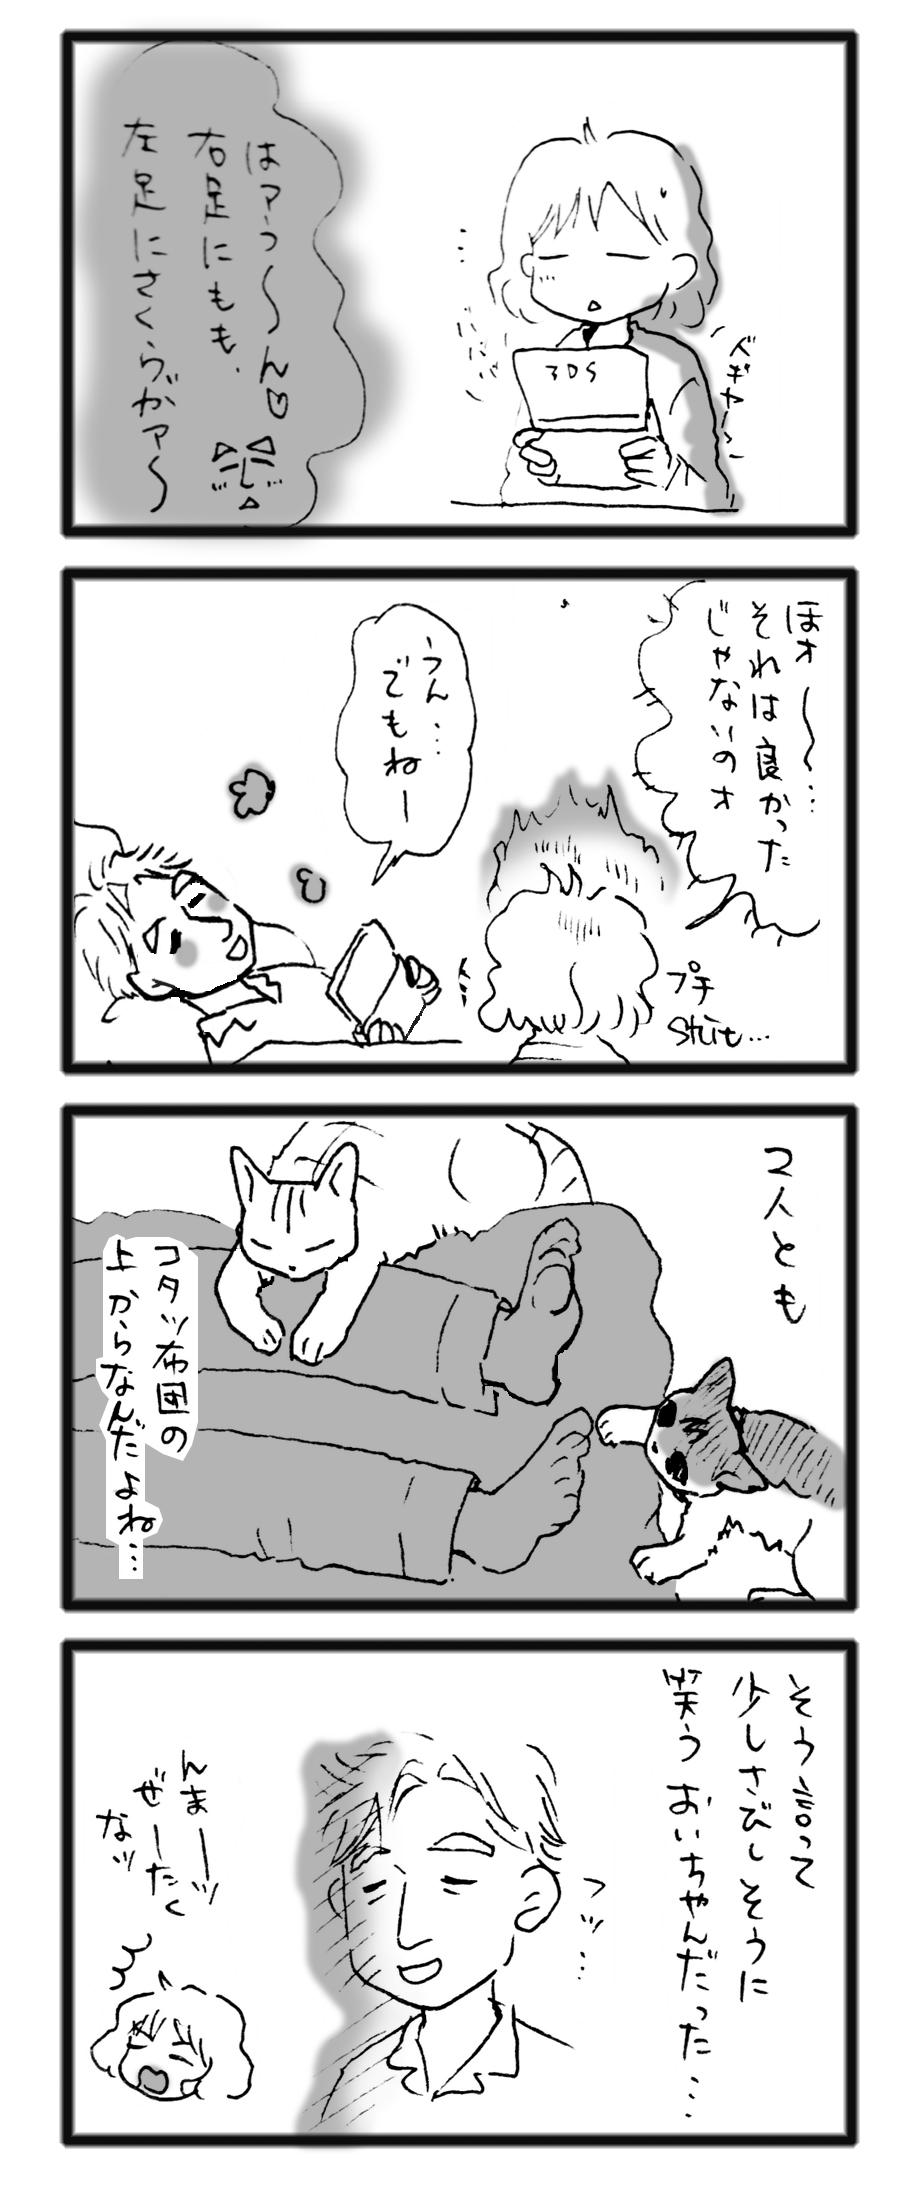 comic_13121902.jpg